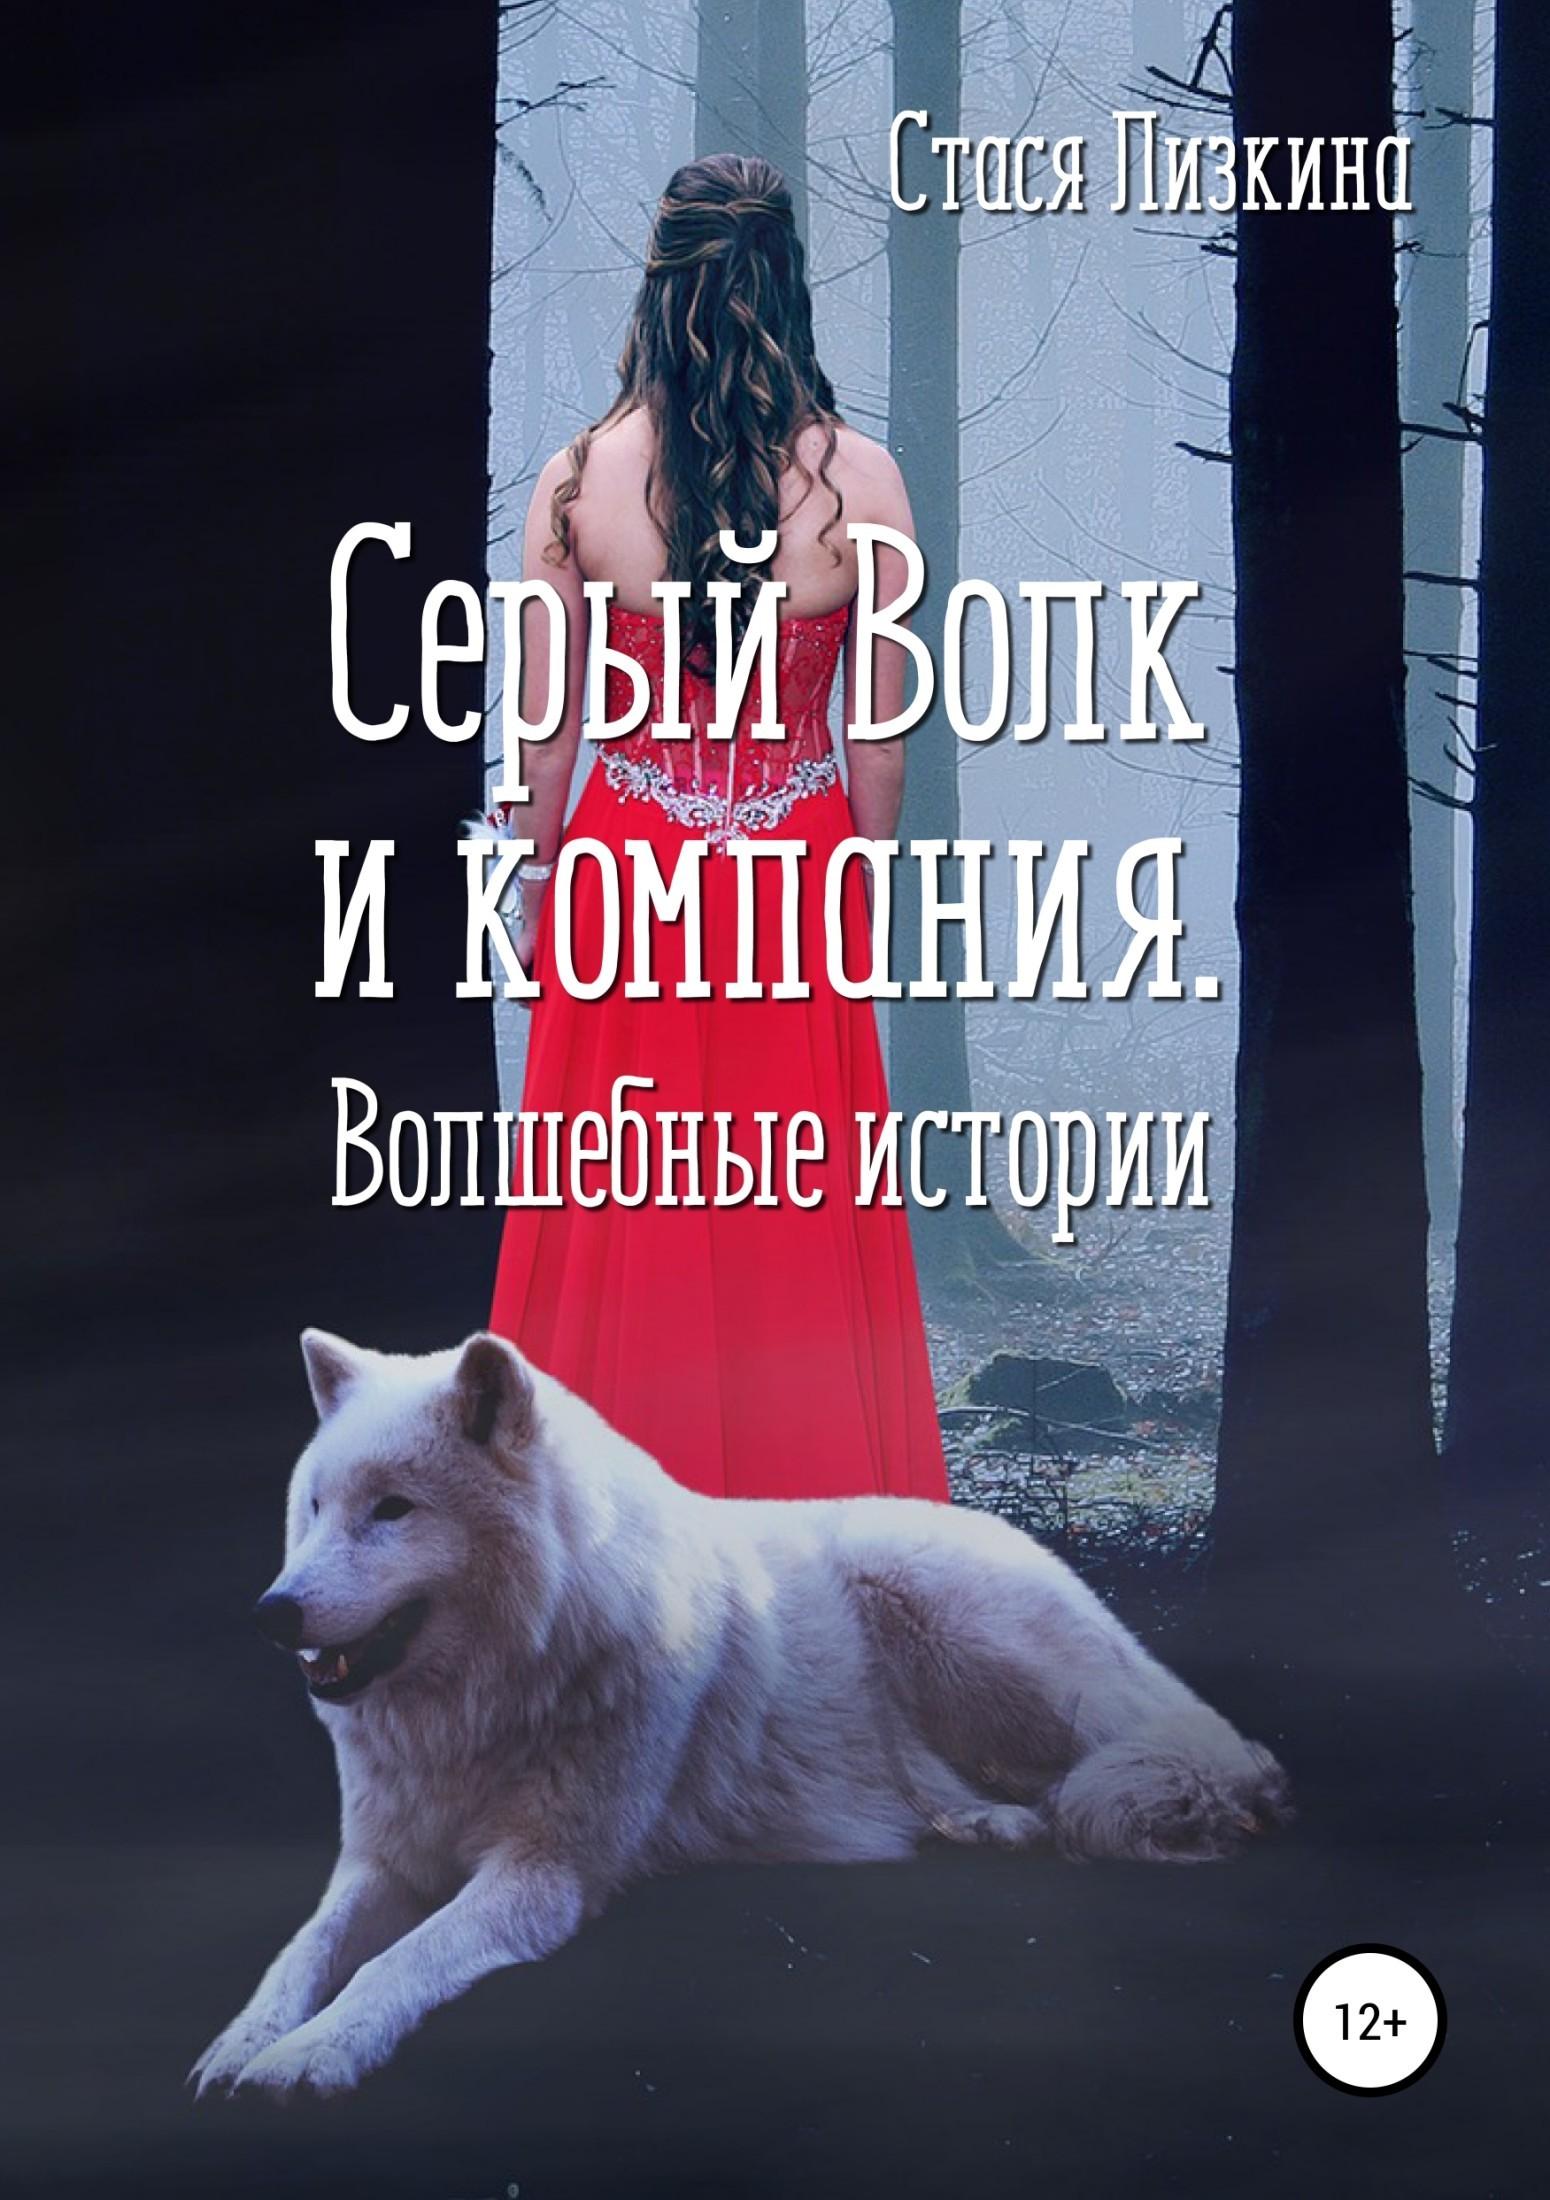 Серый волк и компания. Волшебные истории